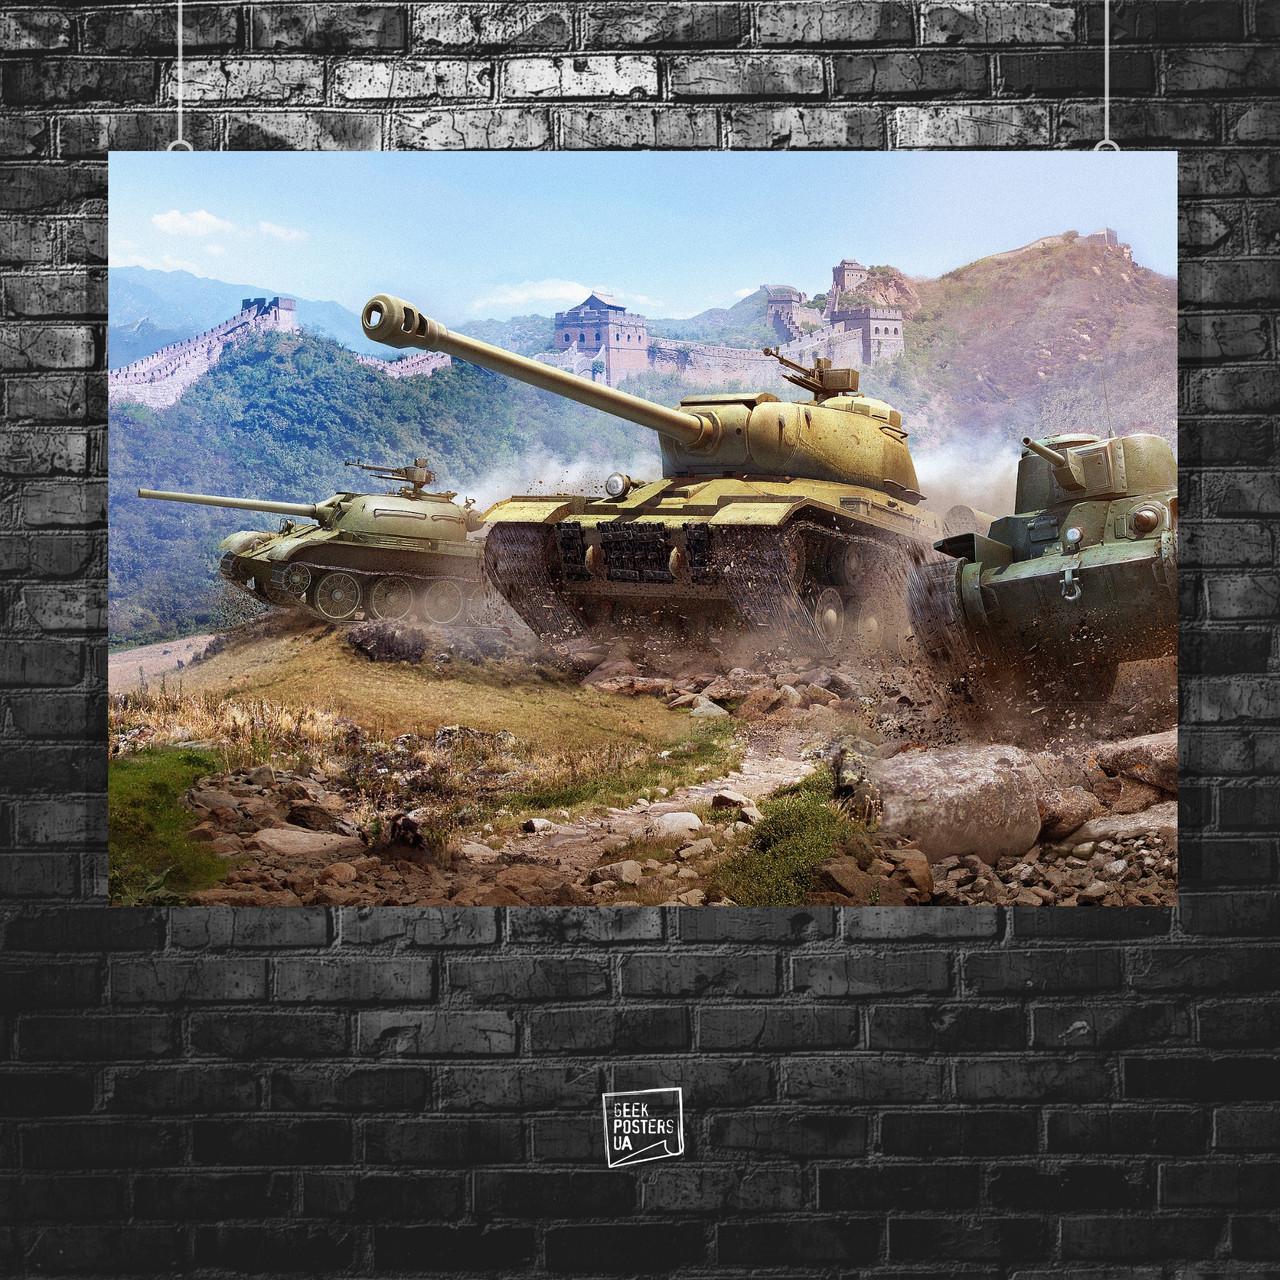 Постер Танки у Великой Китайской Стены. Размер 60x42см (A2). Глянцевая бумага